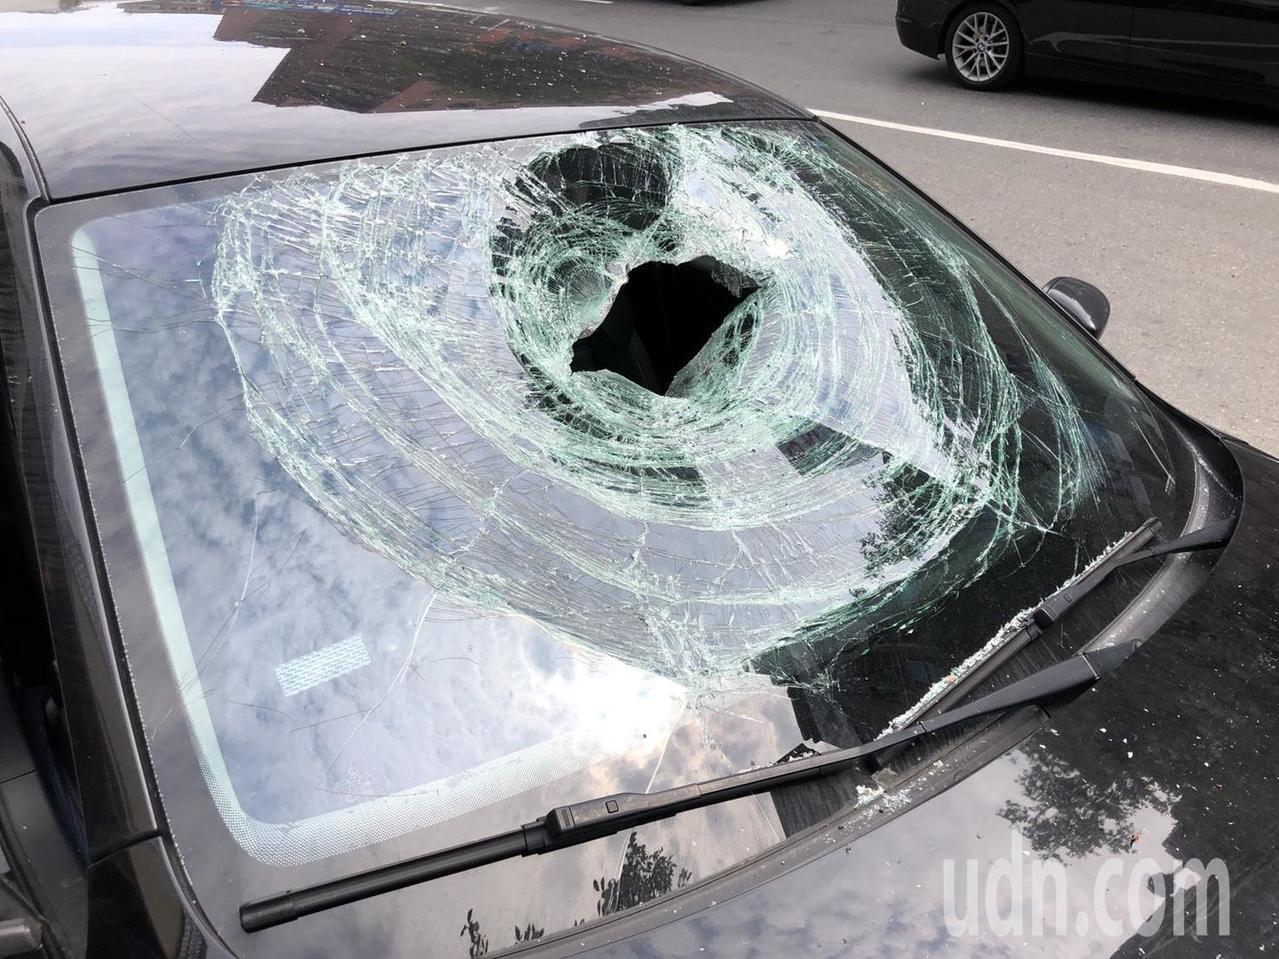 爆炸噴飛落石擊中擋風玻璃後落在副駕駛座,無人受傷。記者王騰毅/攝影